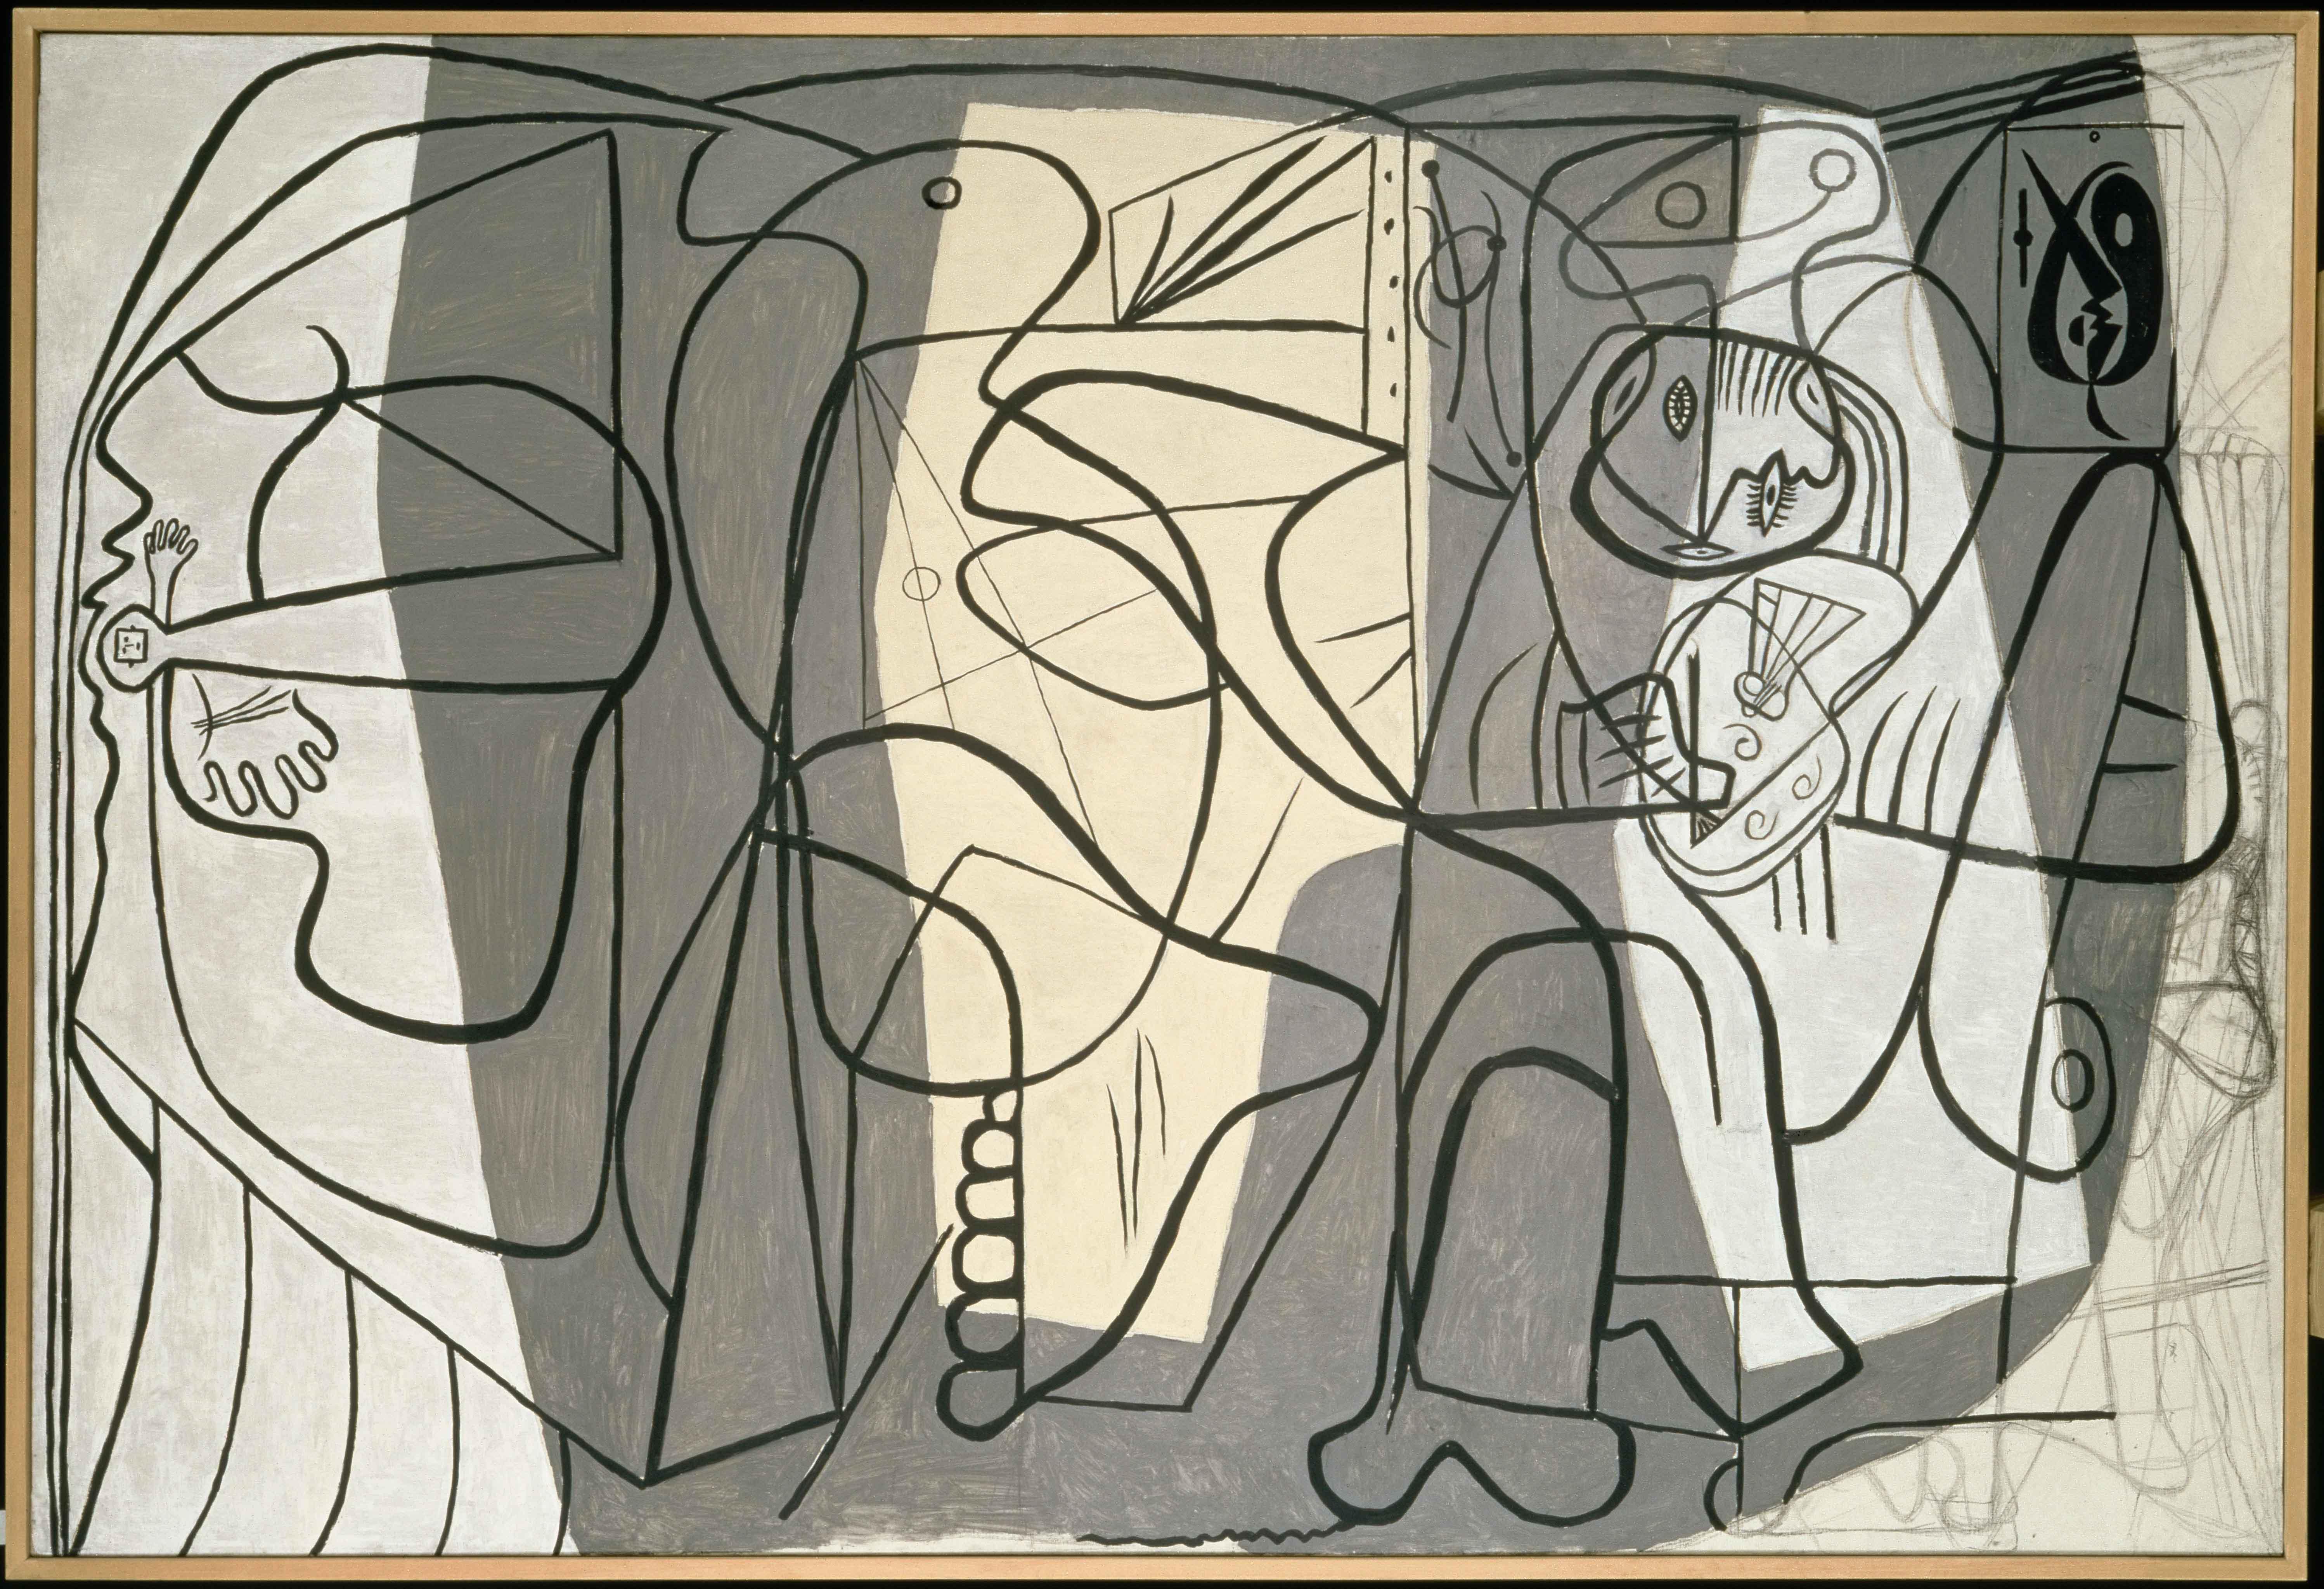 Пабло Пикассо Художник имодель. Париж, 1926. Национальный музей Пикассо, Париж